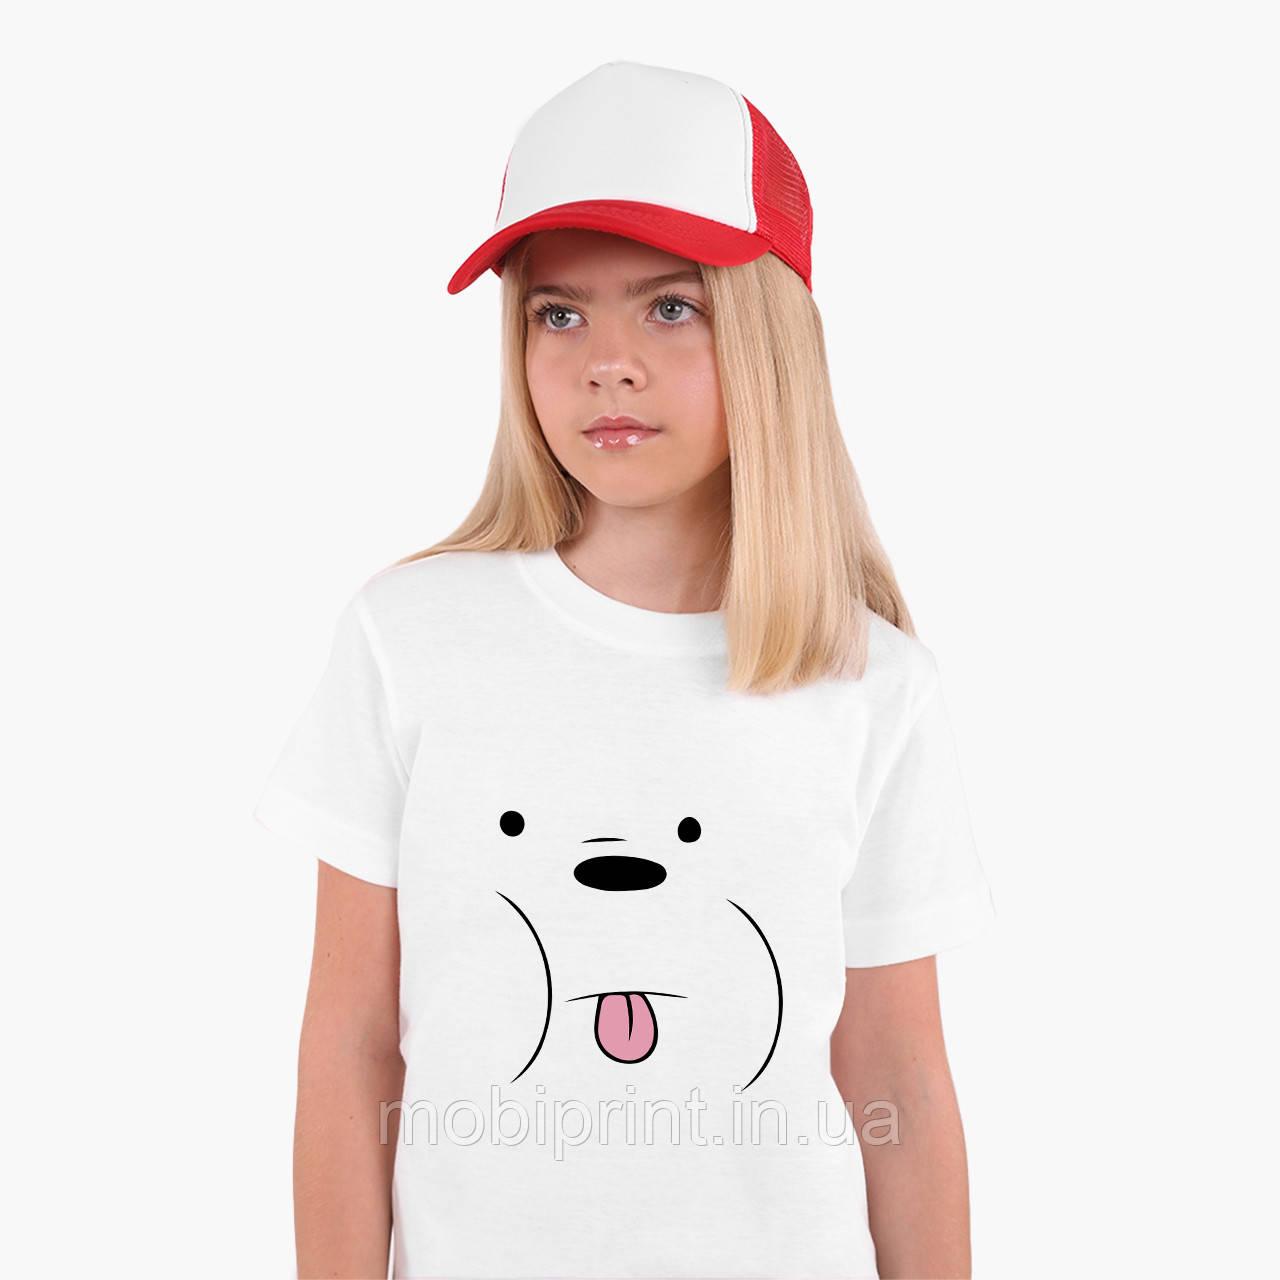 Футболка дитяча Білий ведмідь Вся правда про ведмедів (We Bare Bears) Білий (9224-2662)